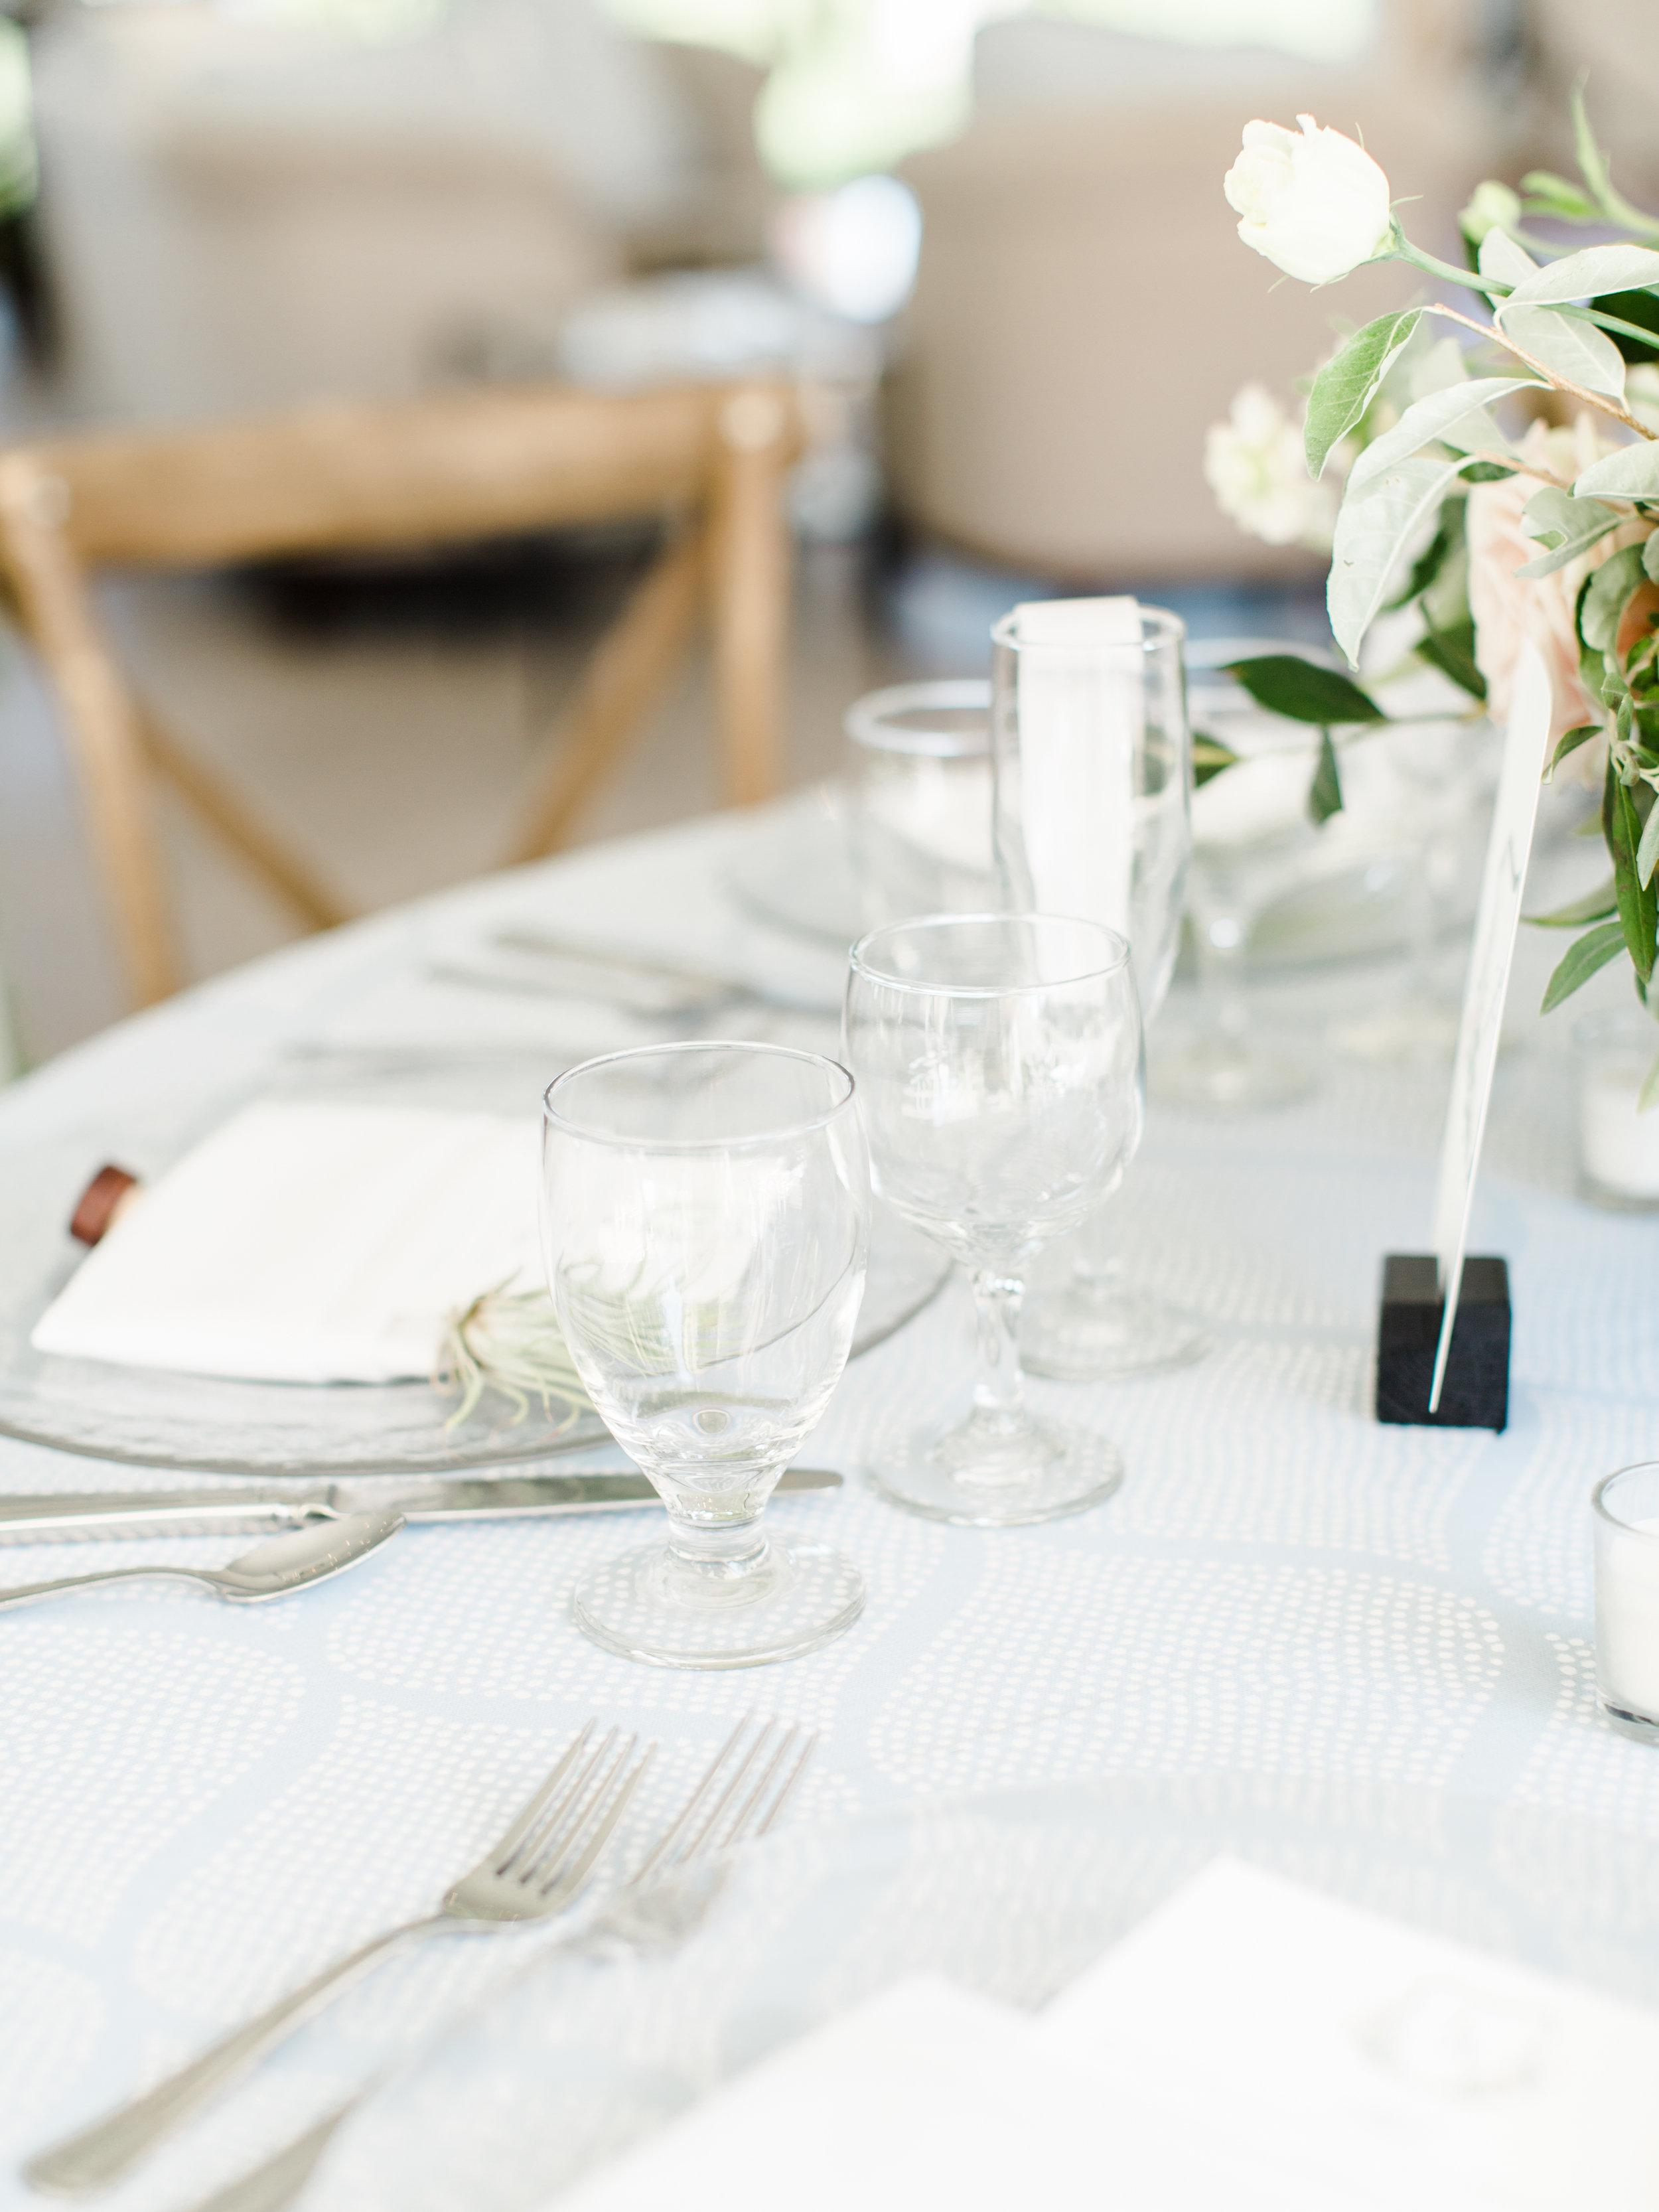 Steinlage+Wedding+Reception+Details-99.jpg